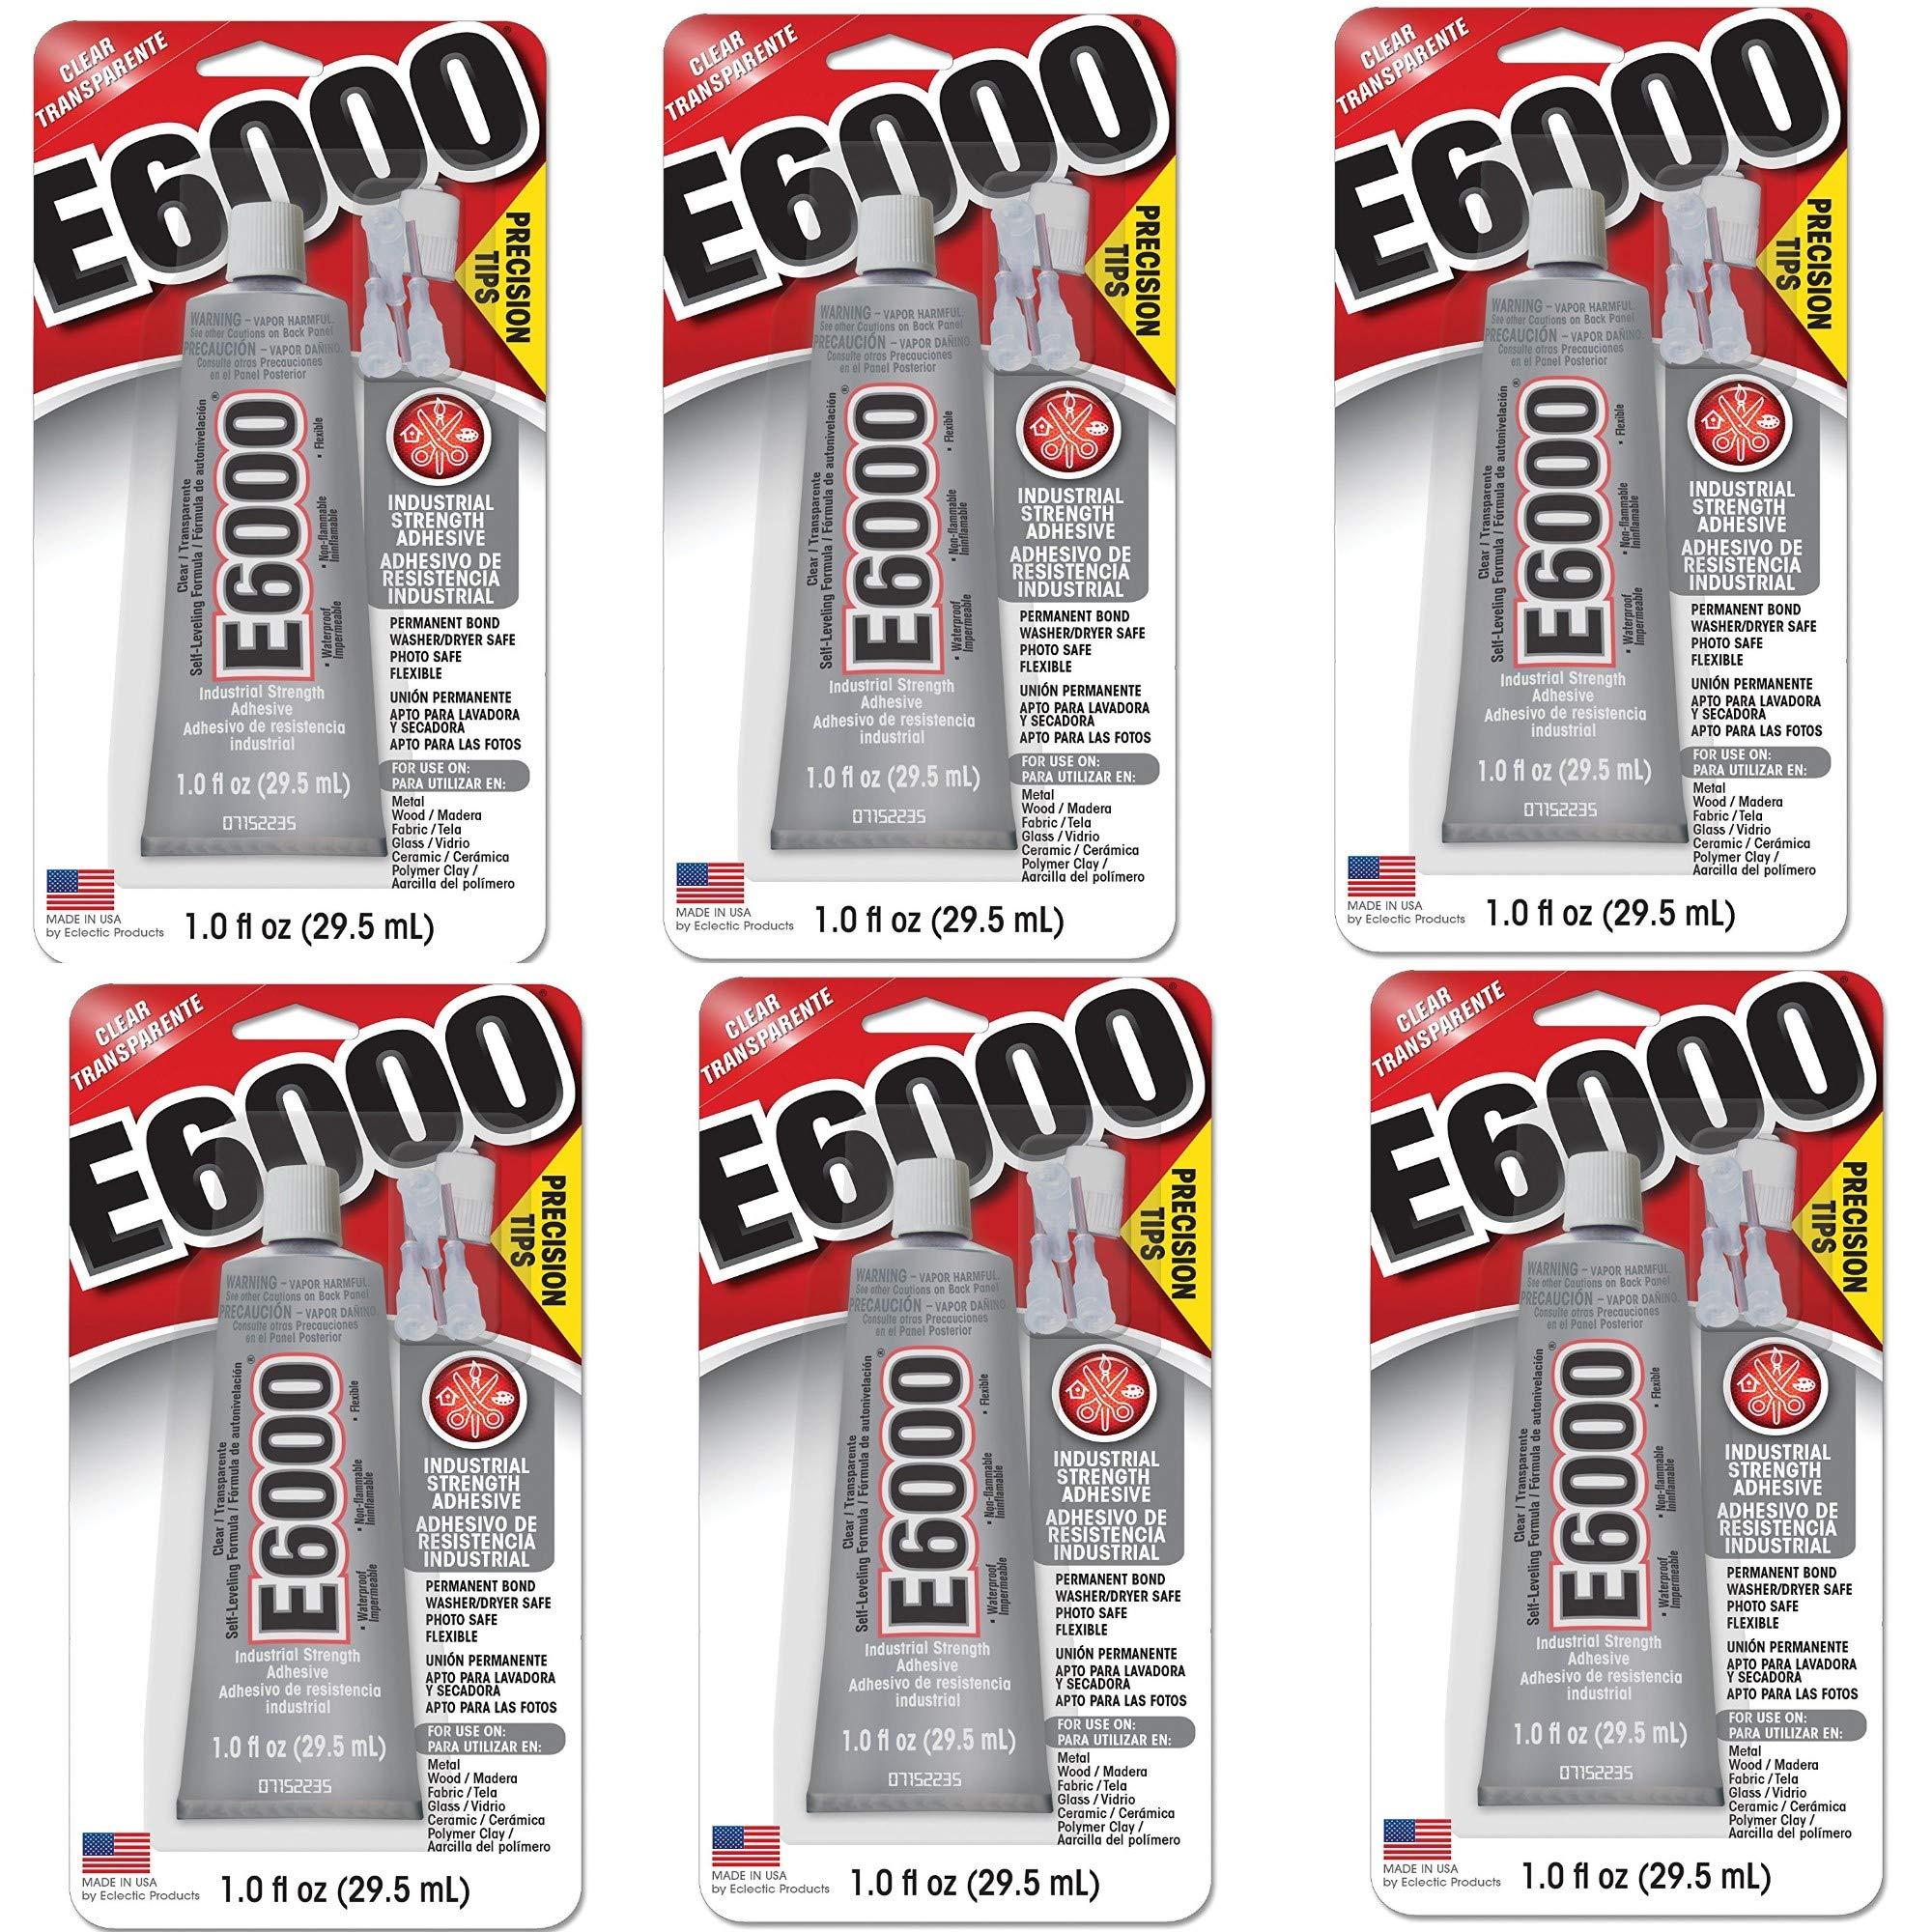 E6000 231020 Adhesive with Precision Tips, 1.0 fl oz (6)